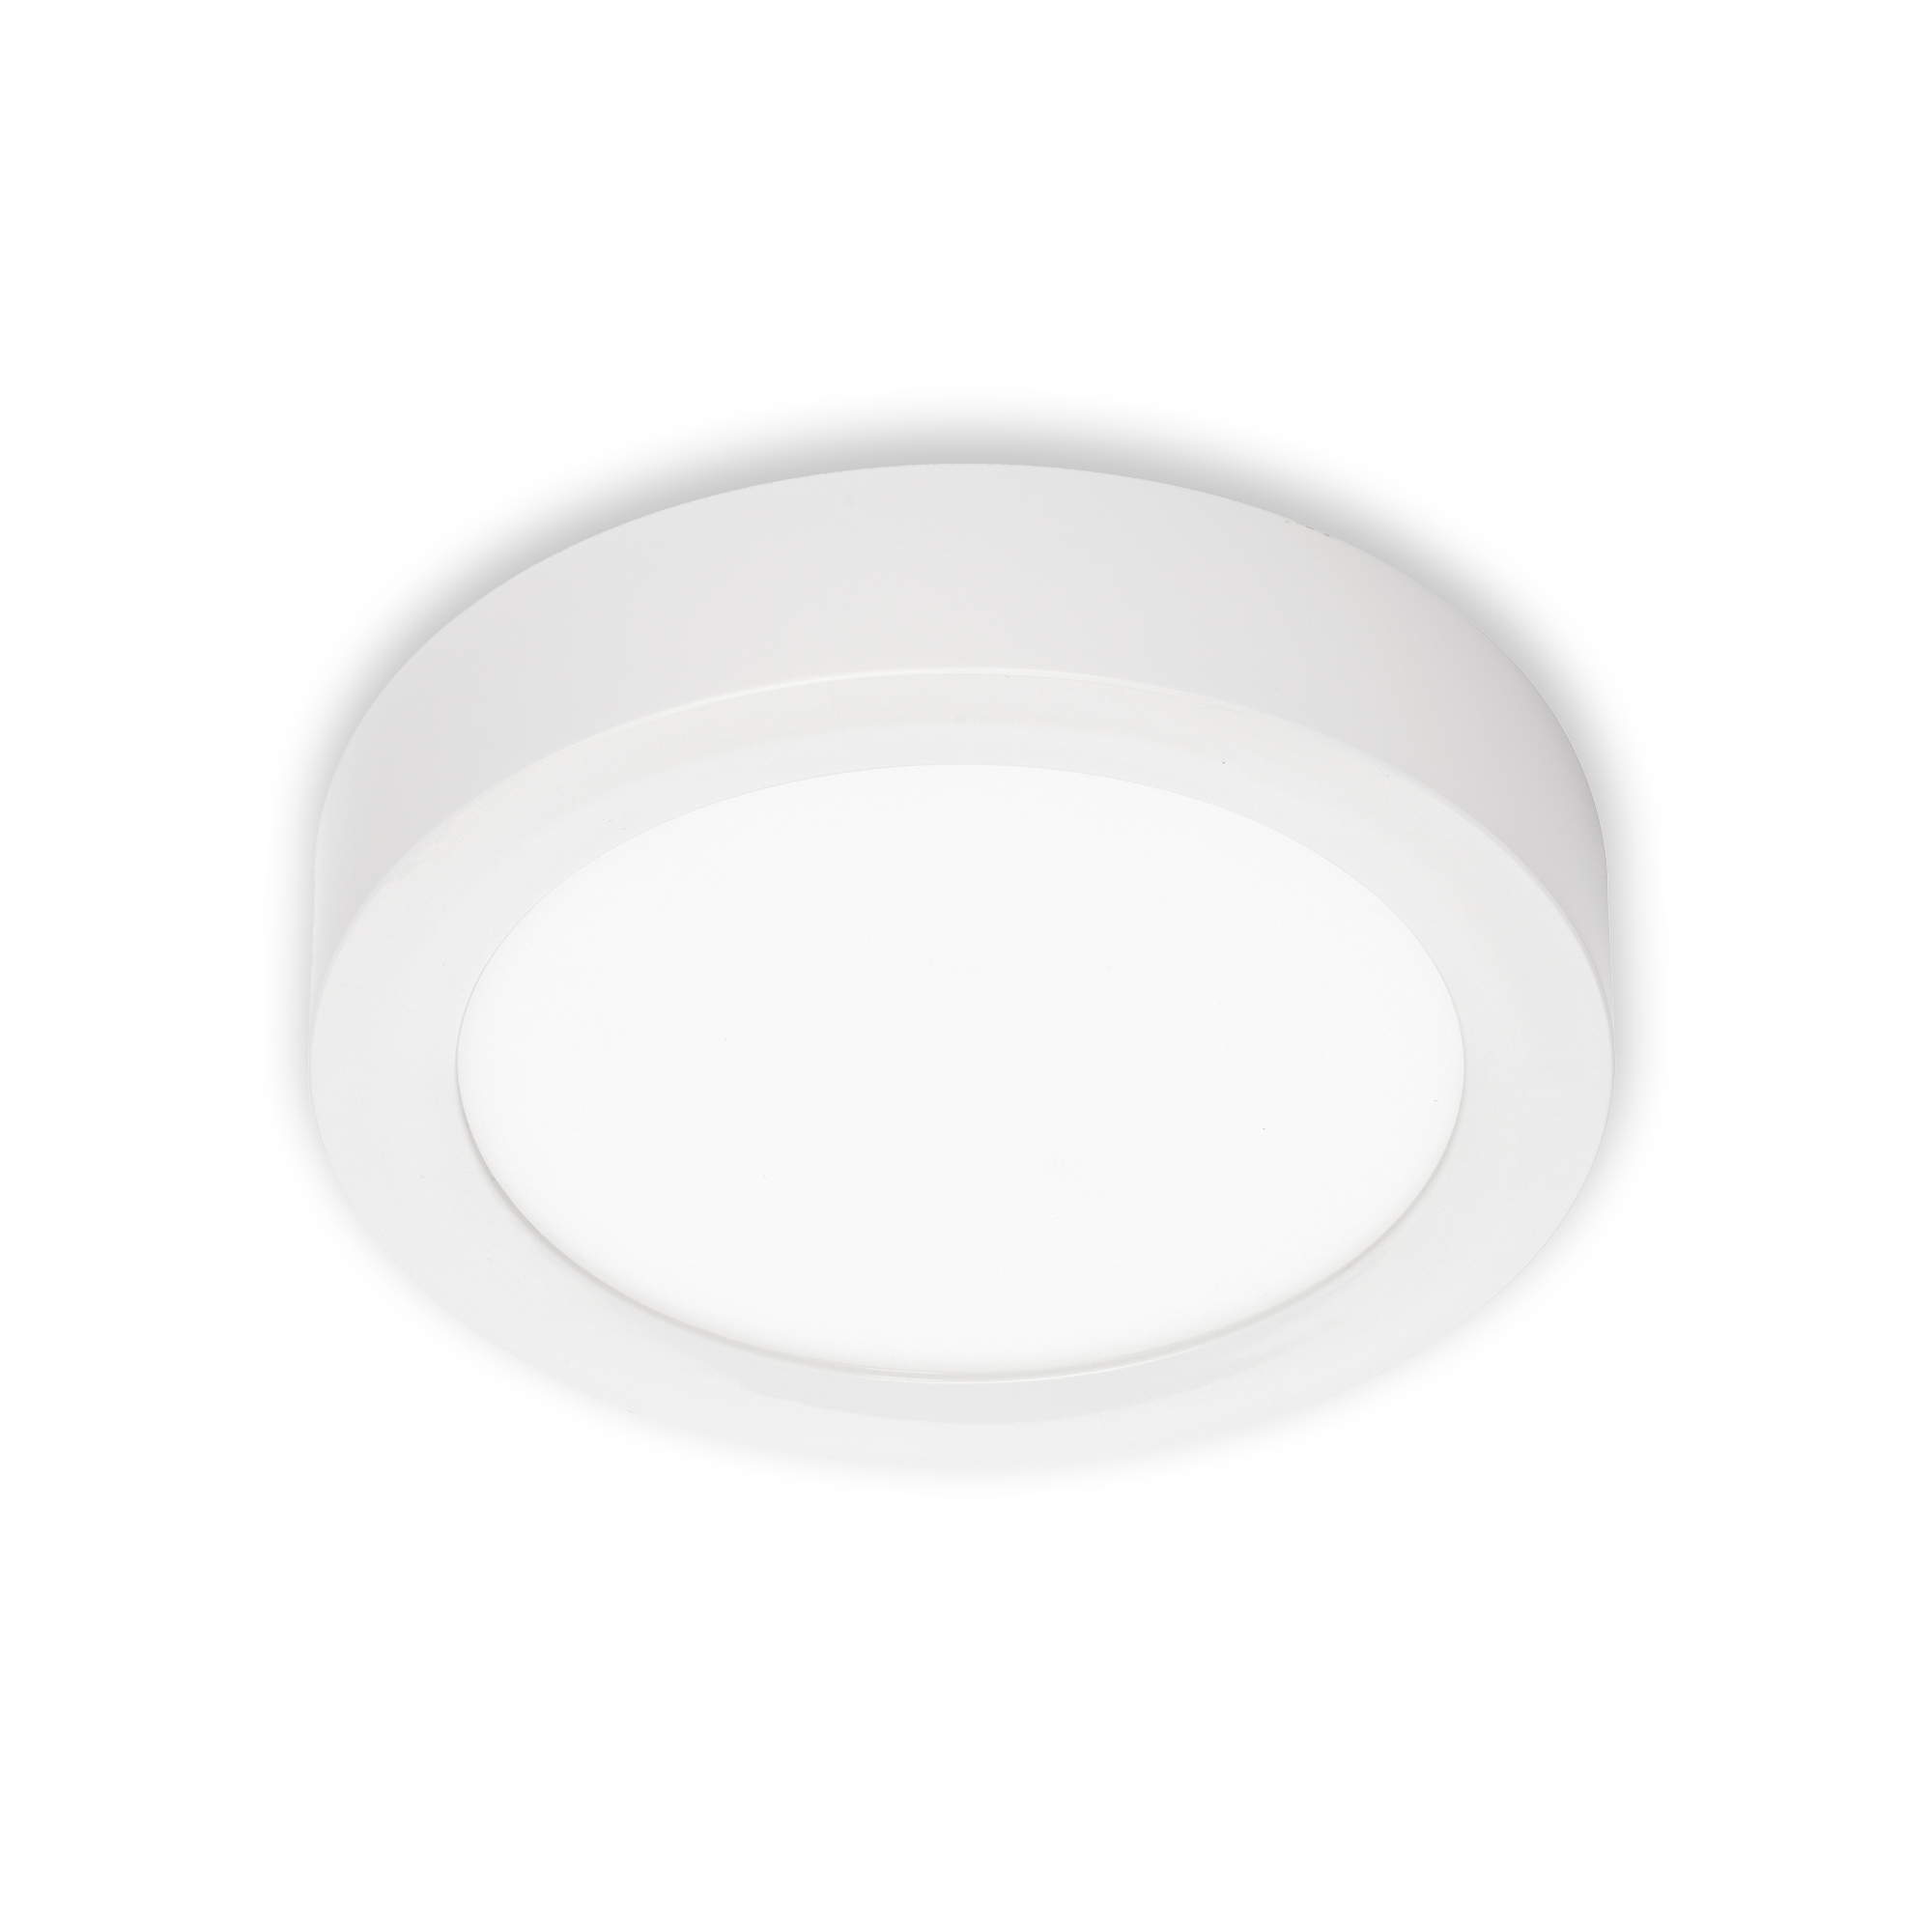 LED Deckenleuchte, Ø 17 cm, 12 W, Weiß